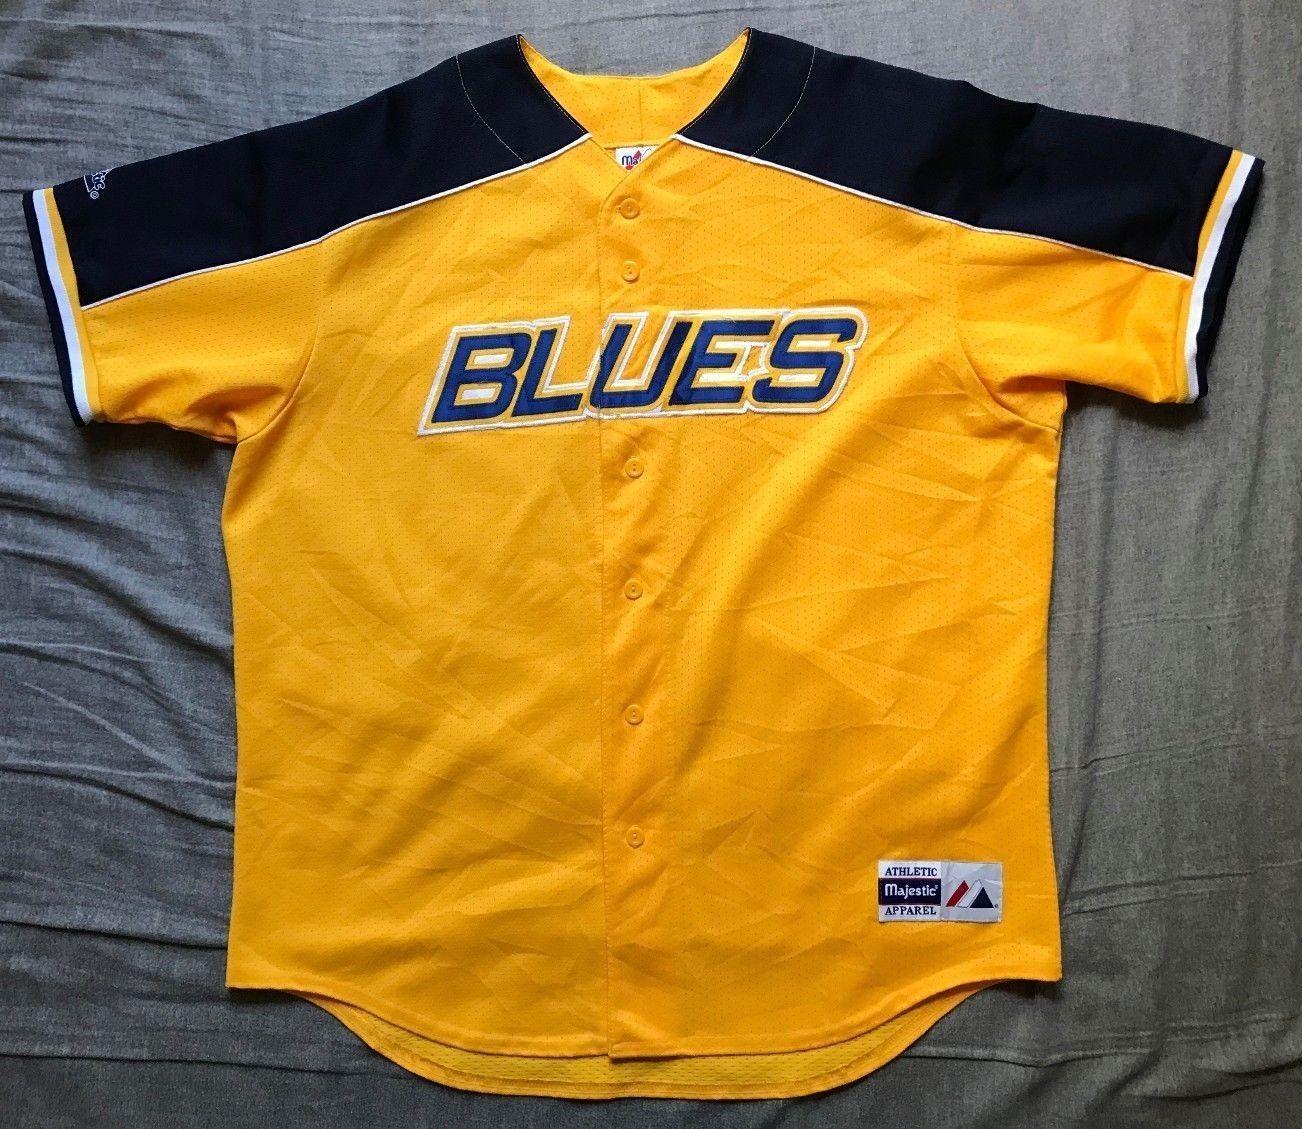 3ec540bf30d ... mens majestic nhl st louis blues baseball jersey size xl